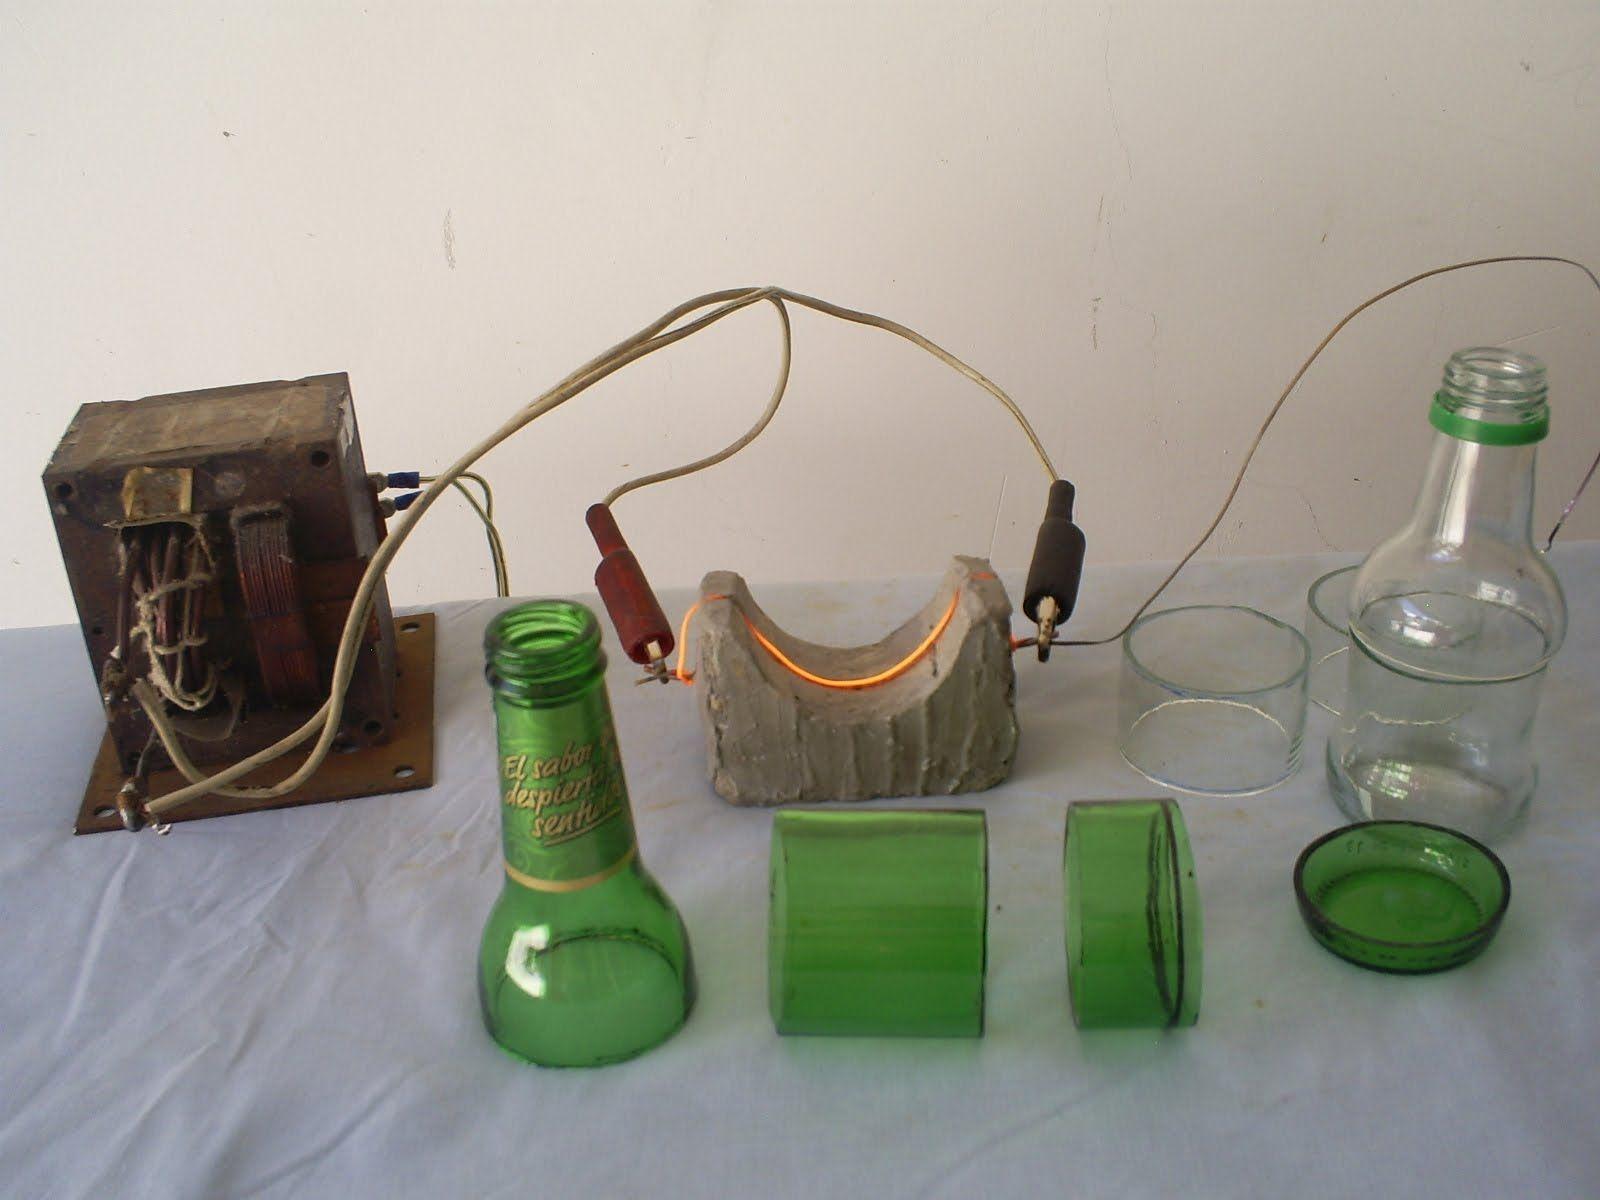 Cortador de botellas tutorial m quinas pinterest decoupe verre lustre et d coupages - Decoupe bouteille verre ...